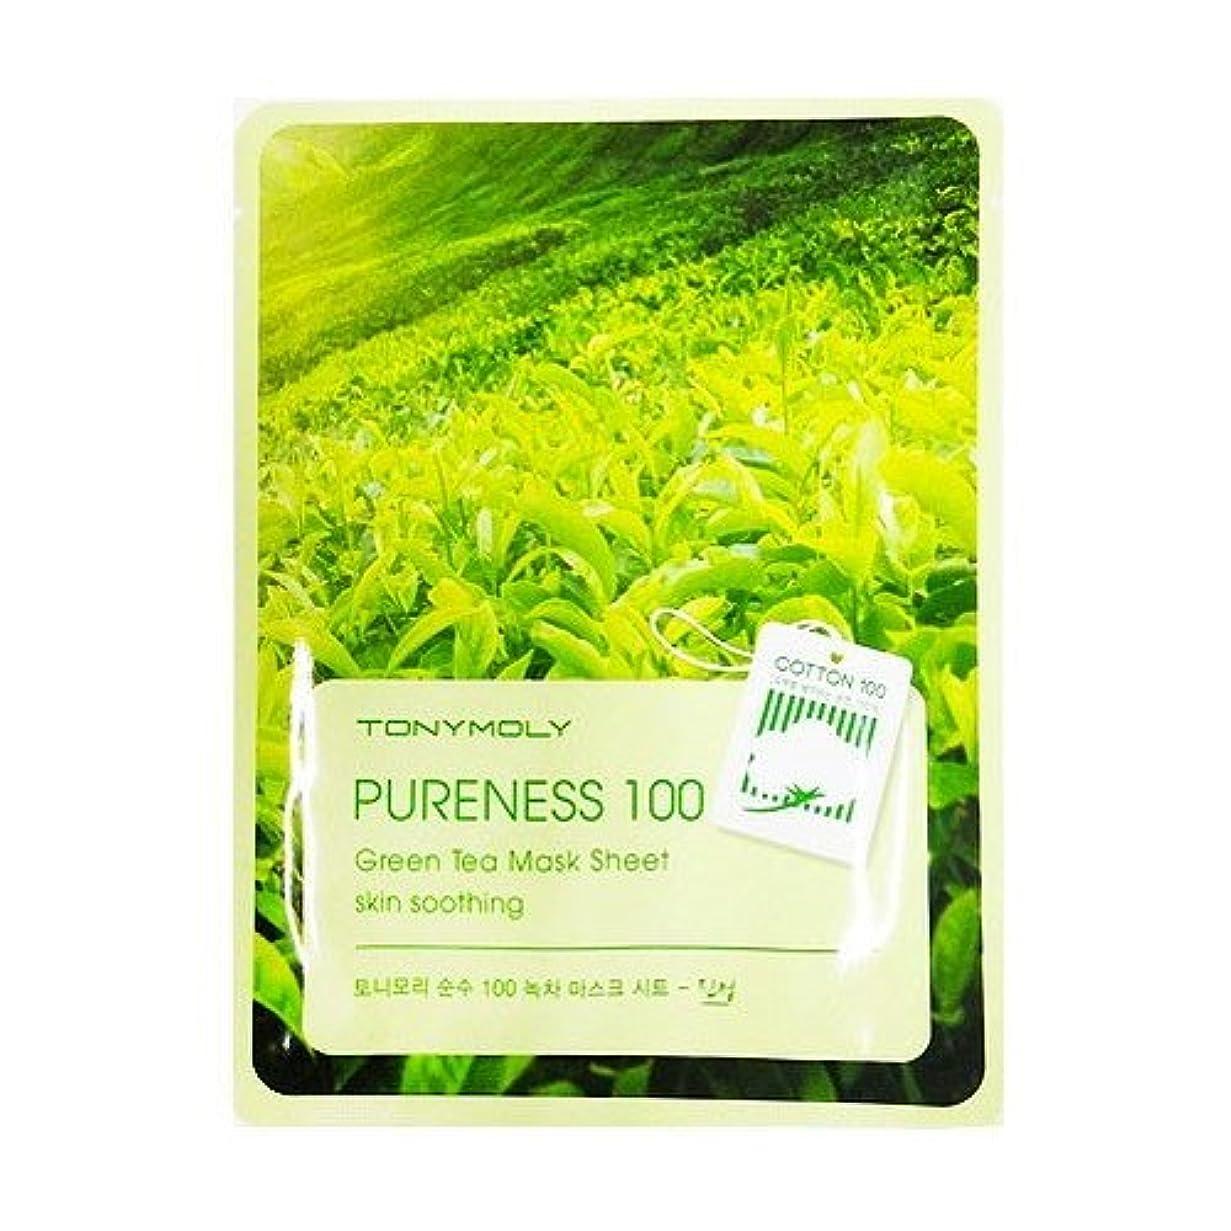 感じる定義まだ(6 Pack) TONYMOLY Pureness 100 Green Tea Mask Sheet Skin Soothing (並行輸入品)